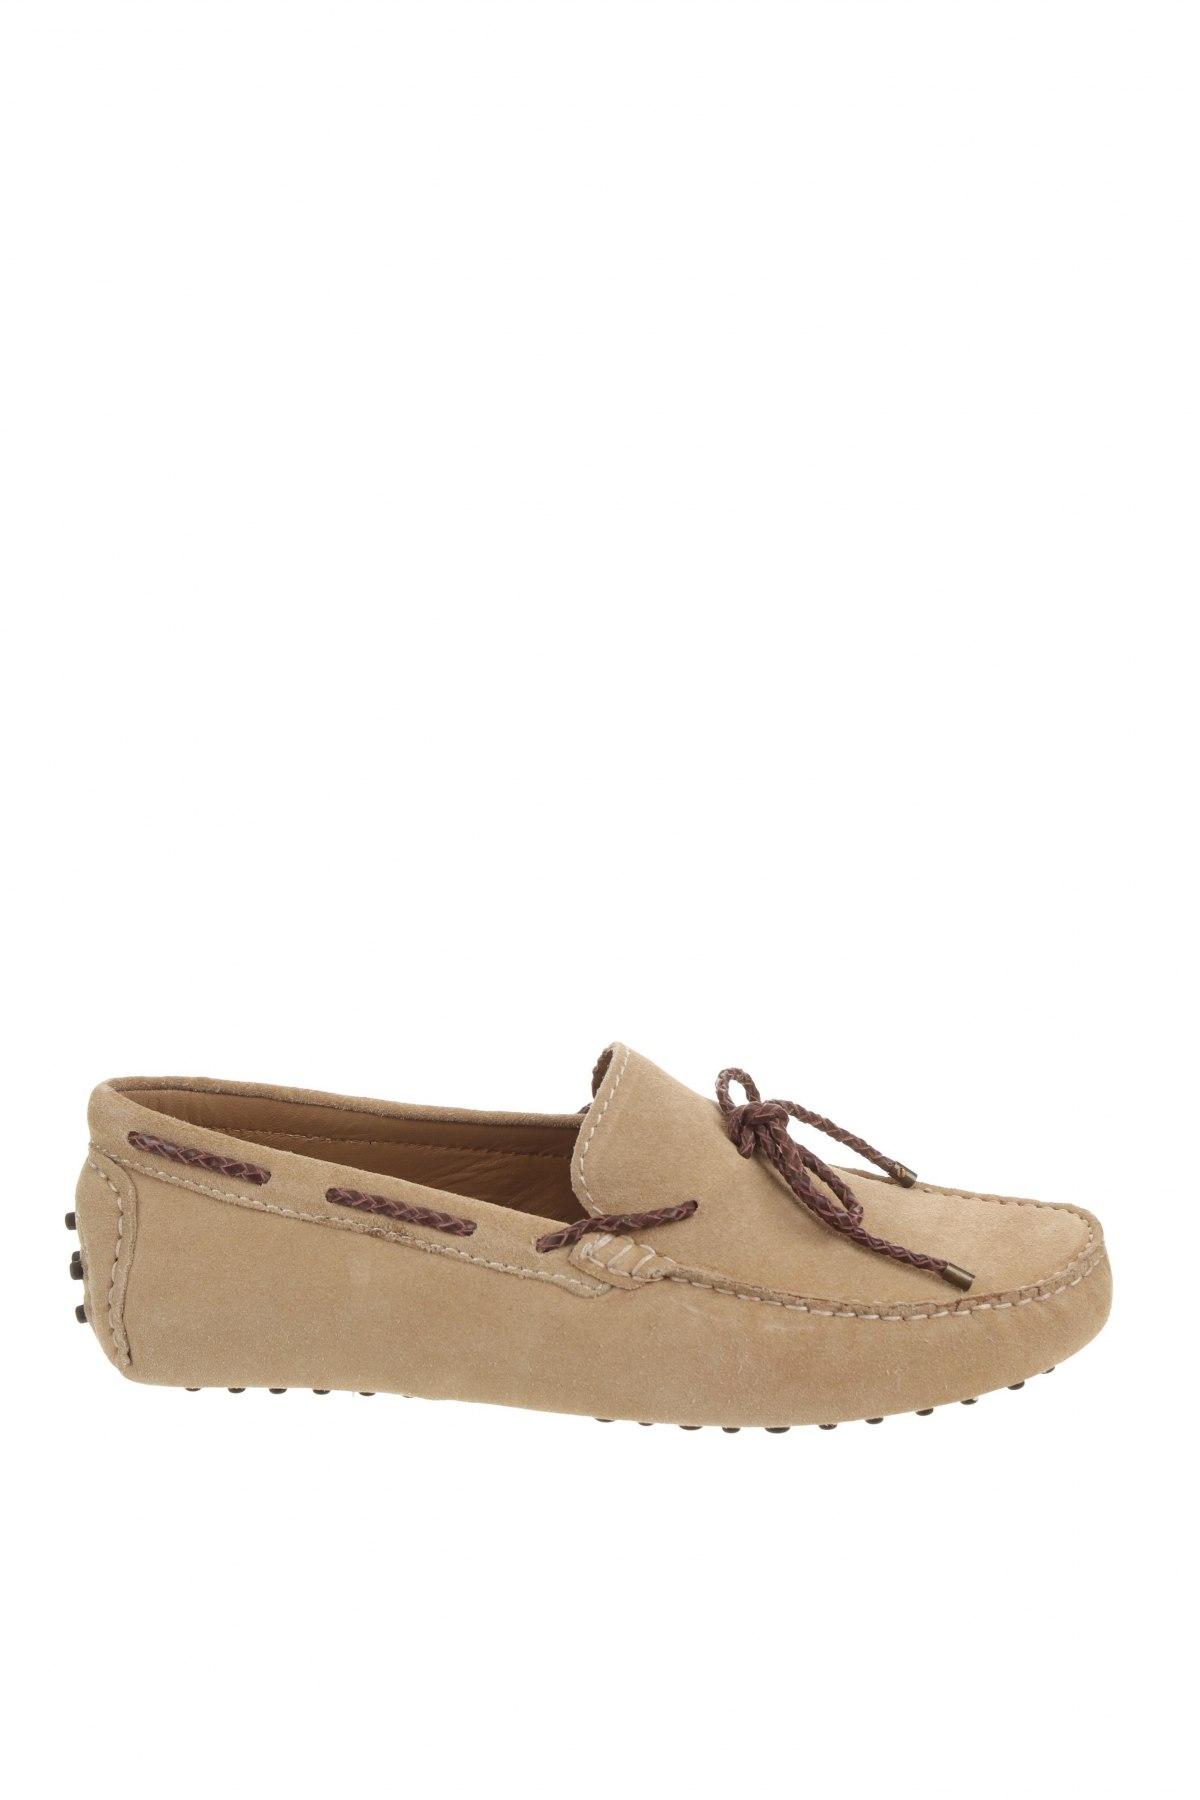 Ανδρικά παπούτσια Charles & Smith, Μέγεθος 42, Χρώμα  Μπέζ, Φυσικό σουέτ, Τιμή 53,74€